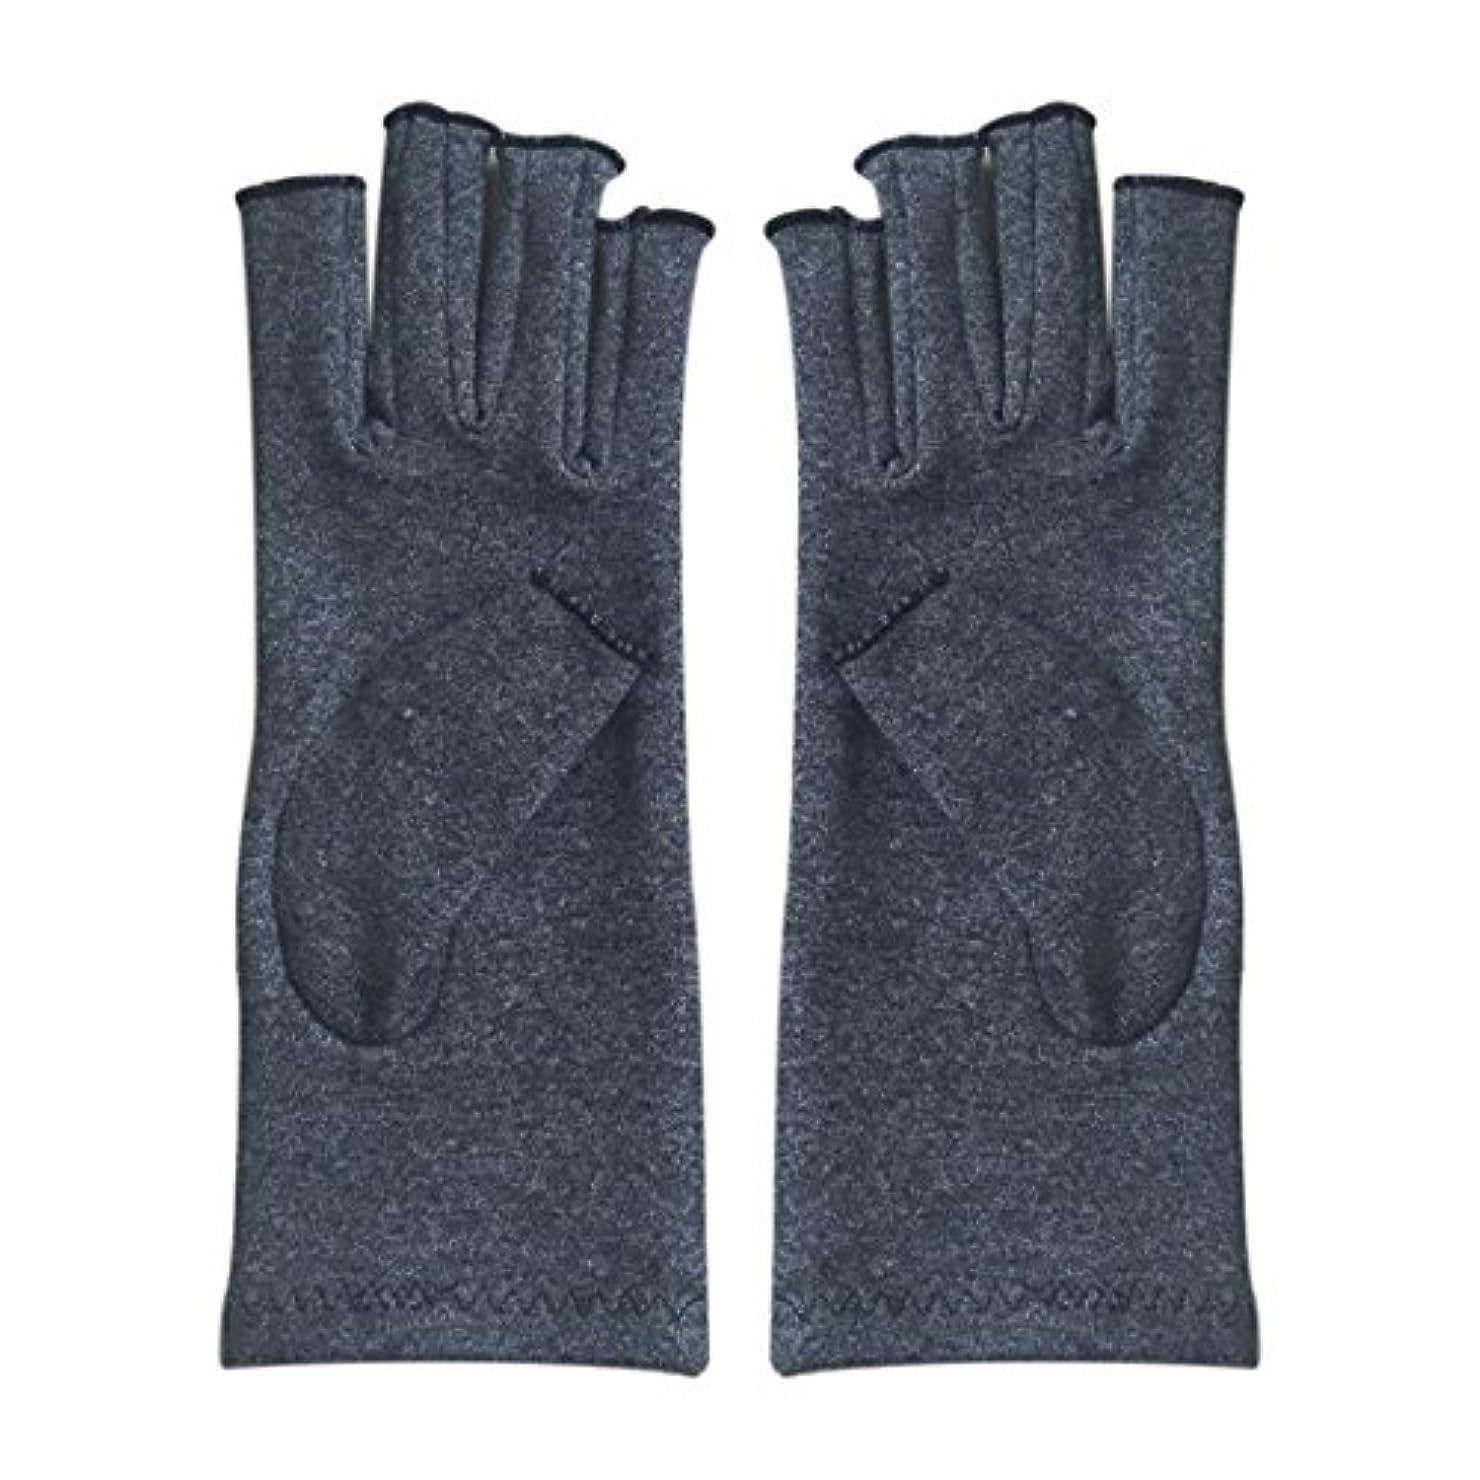 きゅうり望遠鏡効率的SODIAL 1ペア成人男性女性用弾性コットンコンプレッション手袋手関節炎関節痛鎮痛軽減S -灰色、S